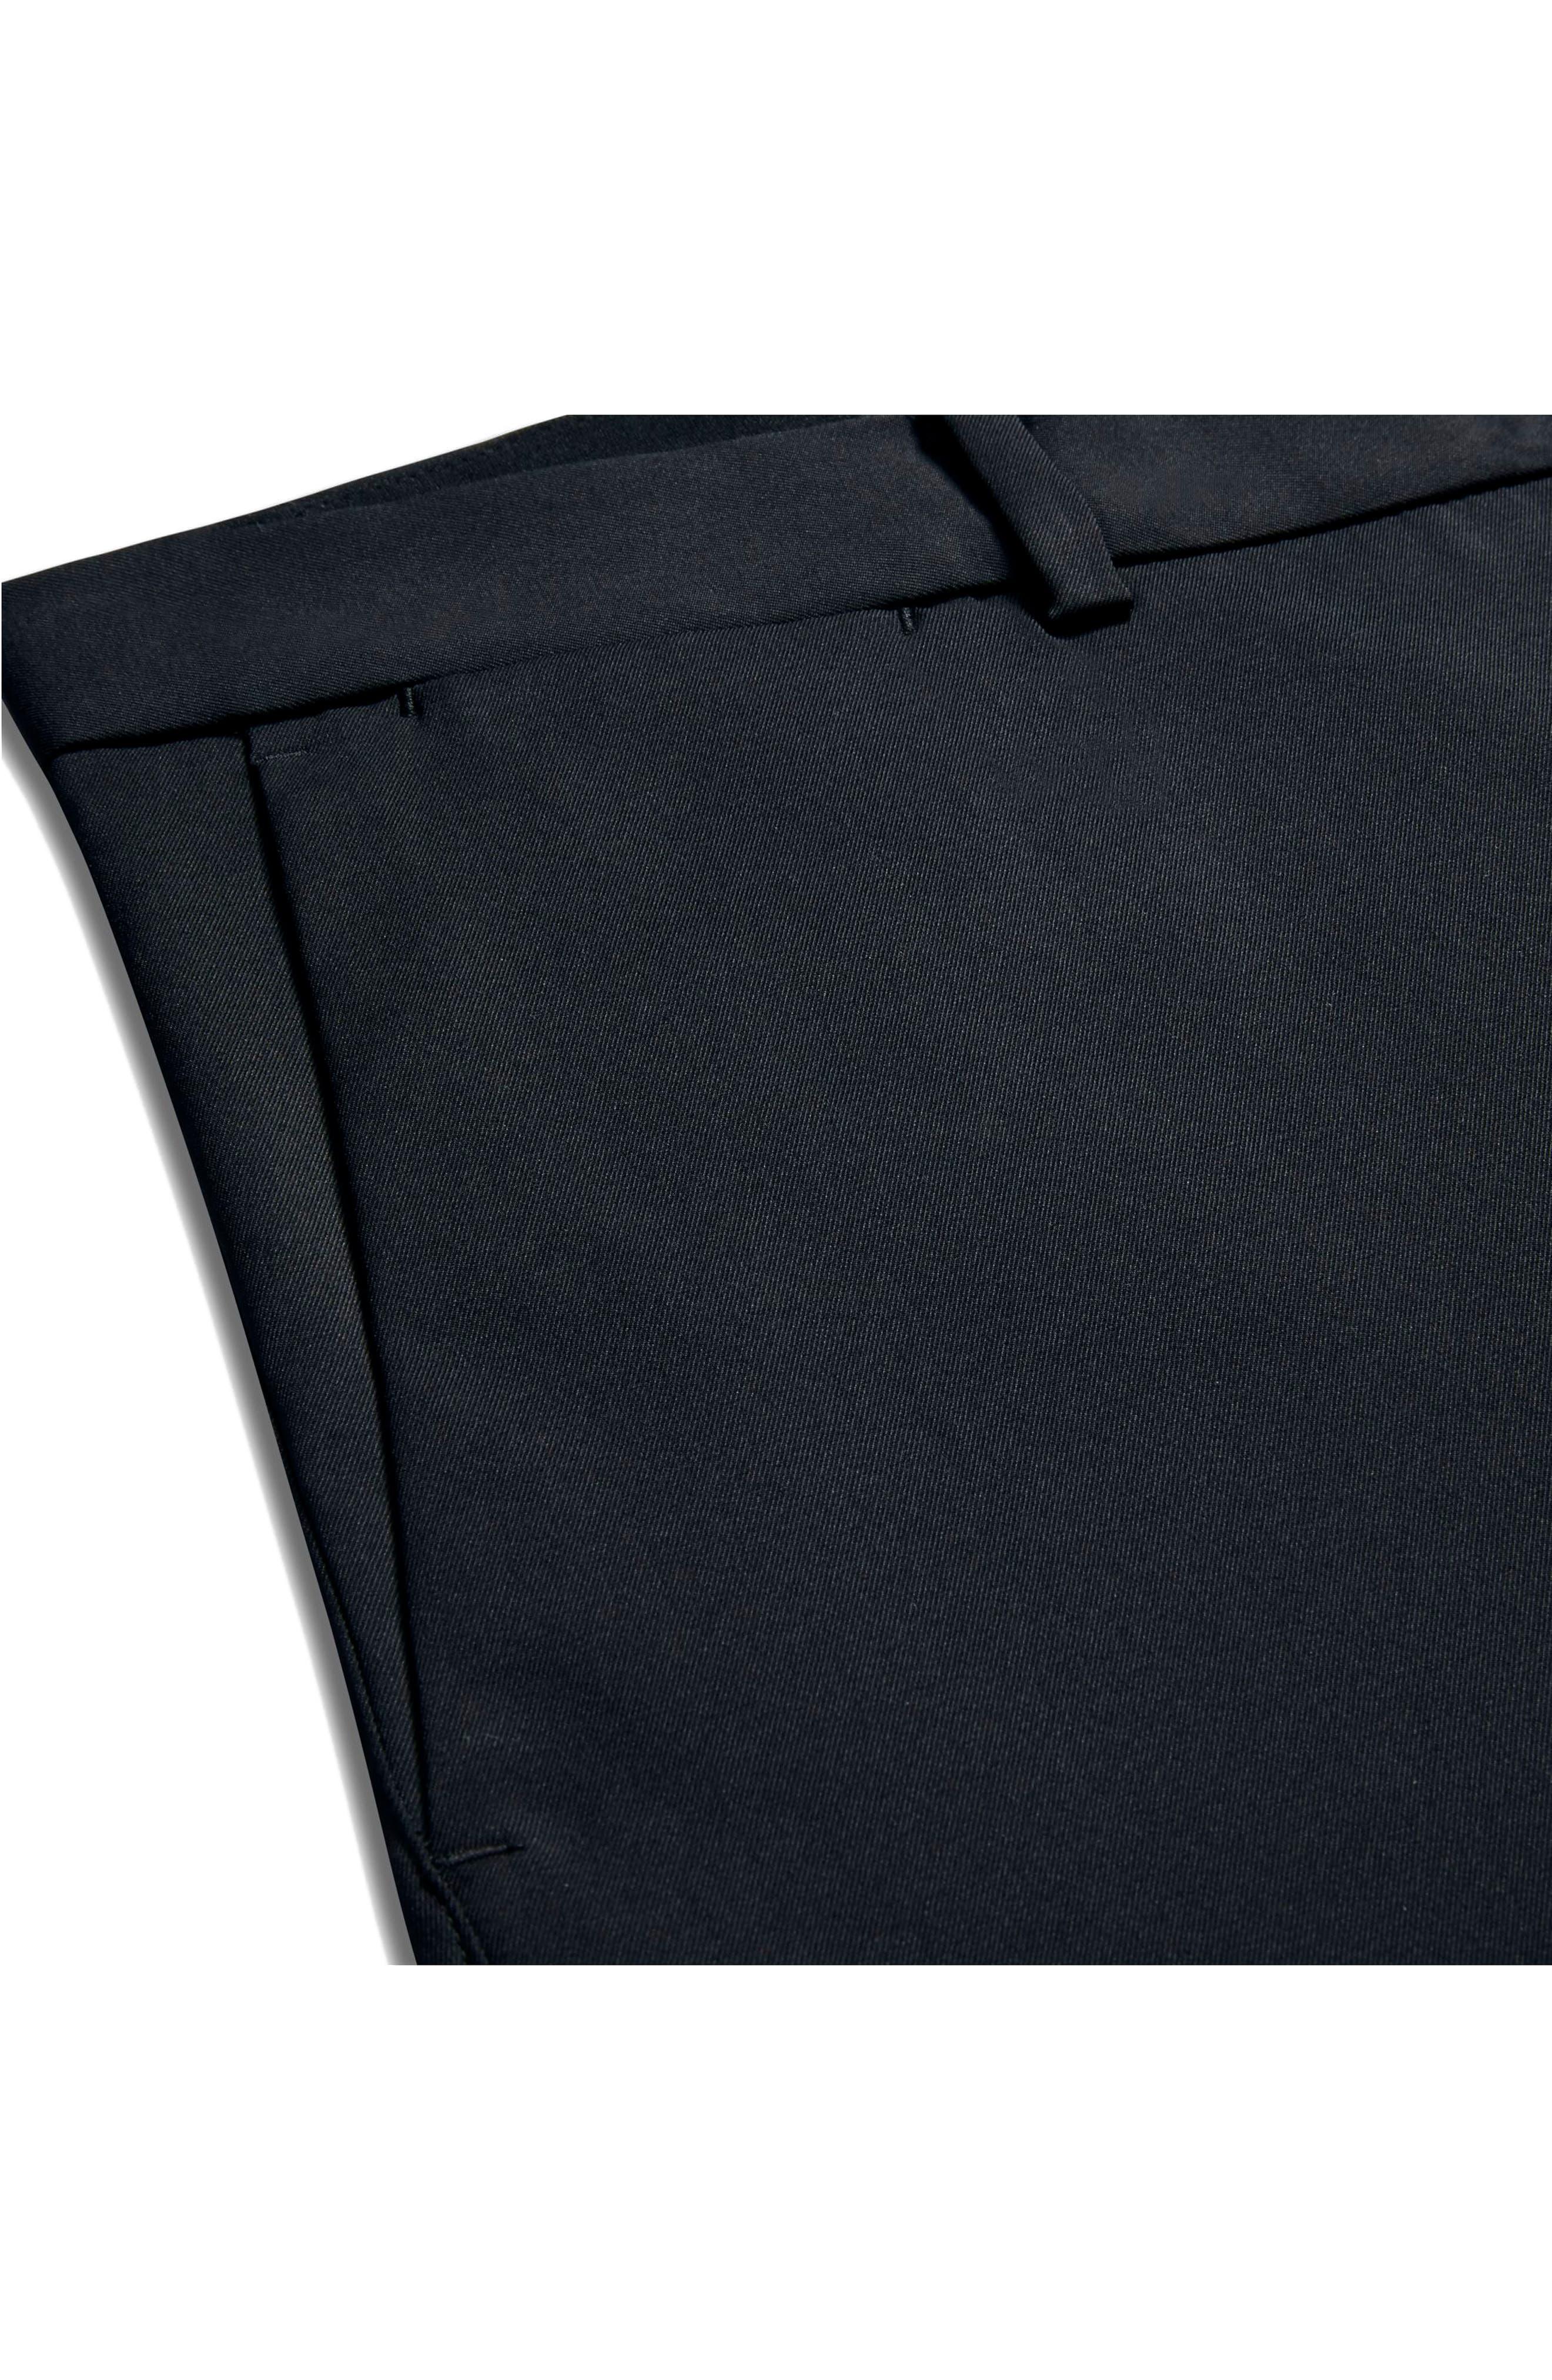 Flat Front Dri-FIT Tech Golf Pants,                             Alternate thumbnail 62, color,